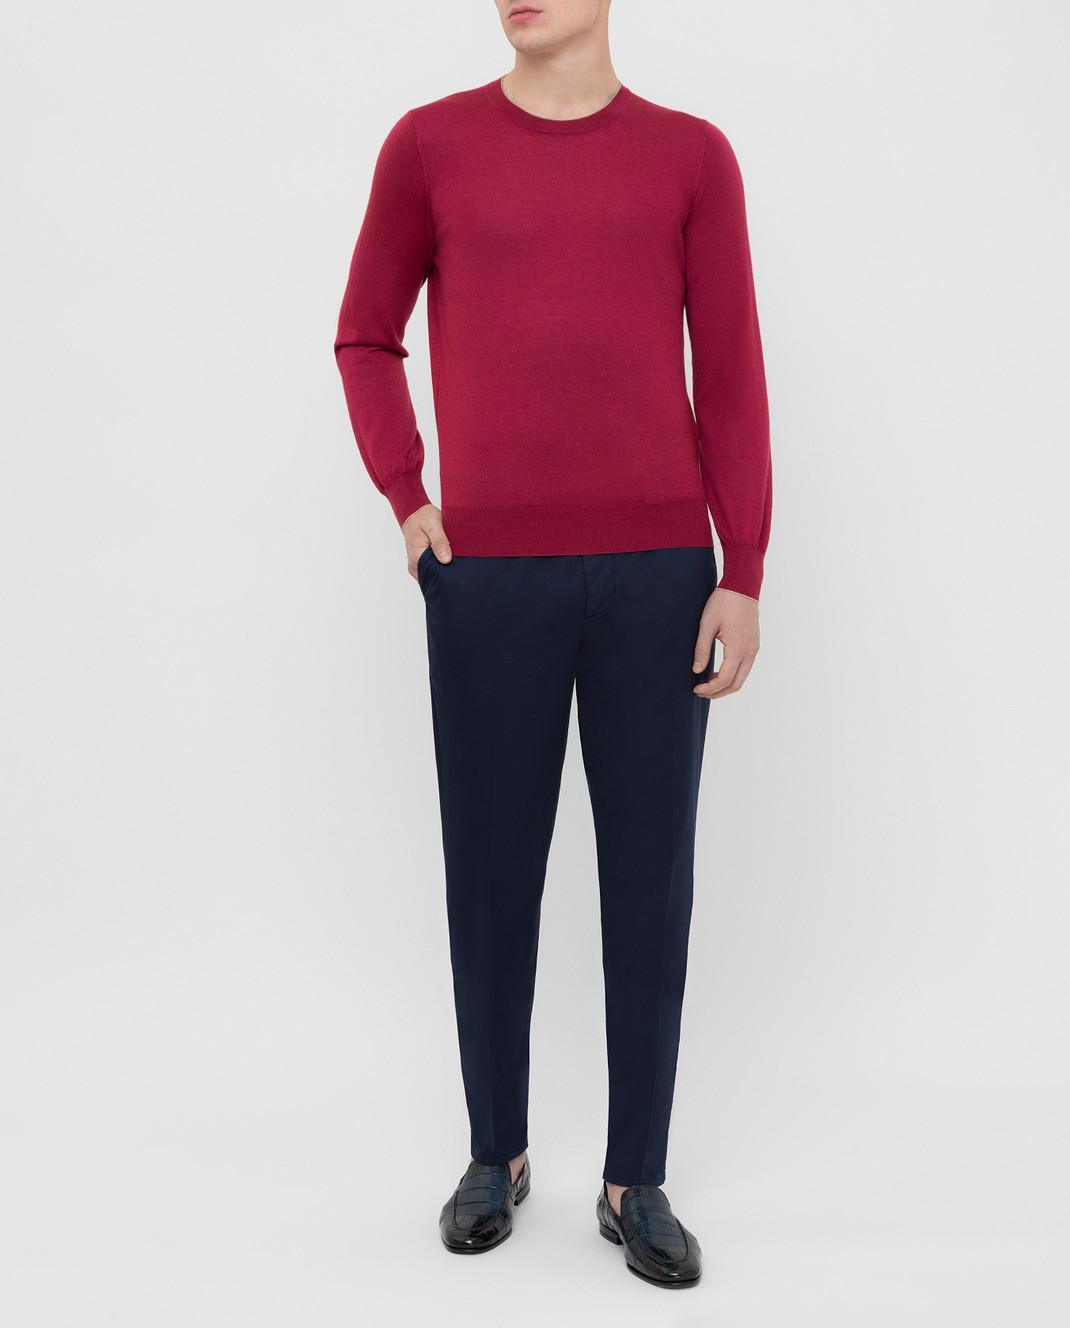 Brunello Cucinelli Темно-синие брюки с карманами M289LT1150 изображение 2